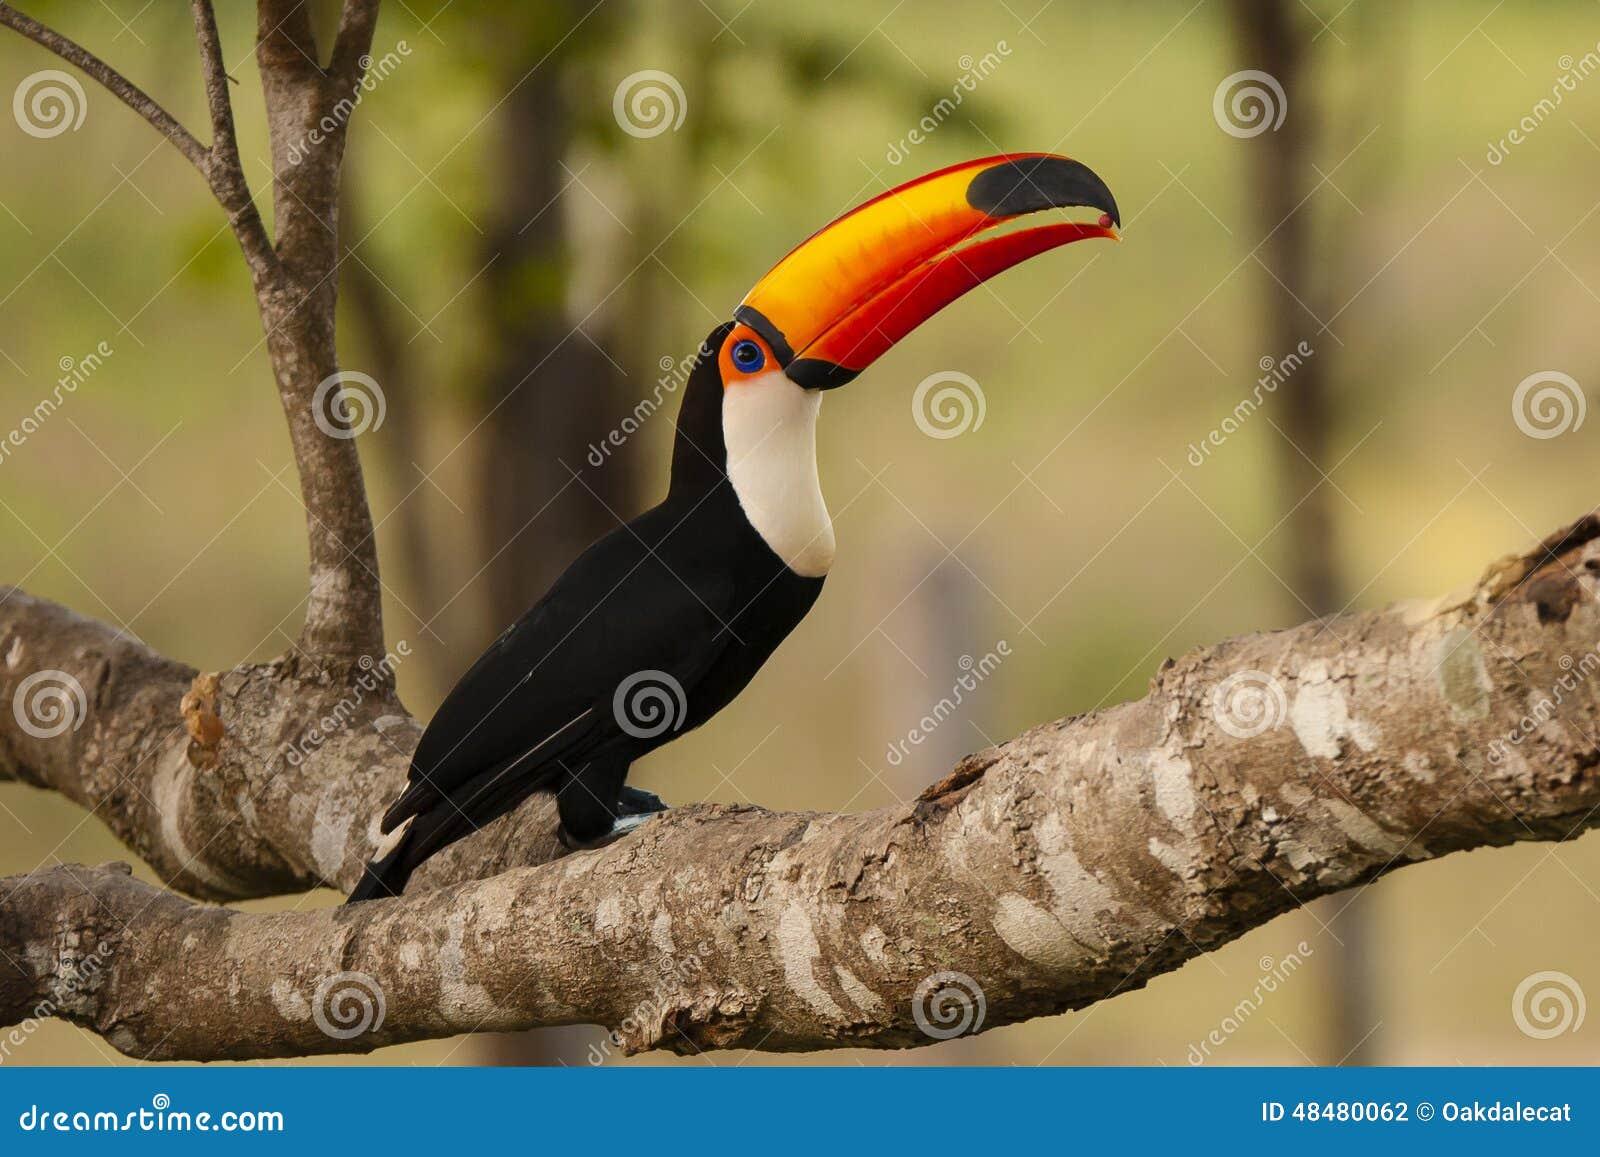 Toco Toucan selvaggio con alimento in becco